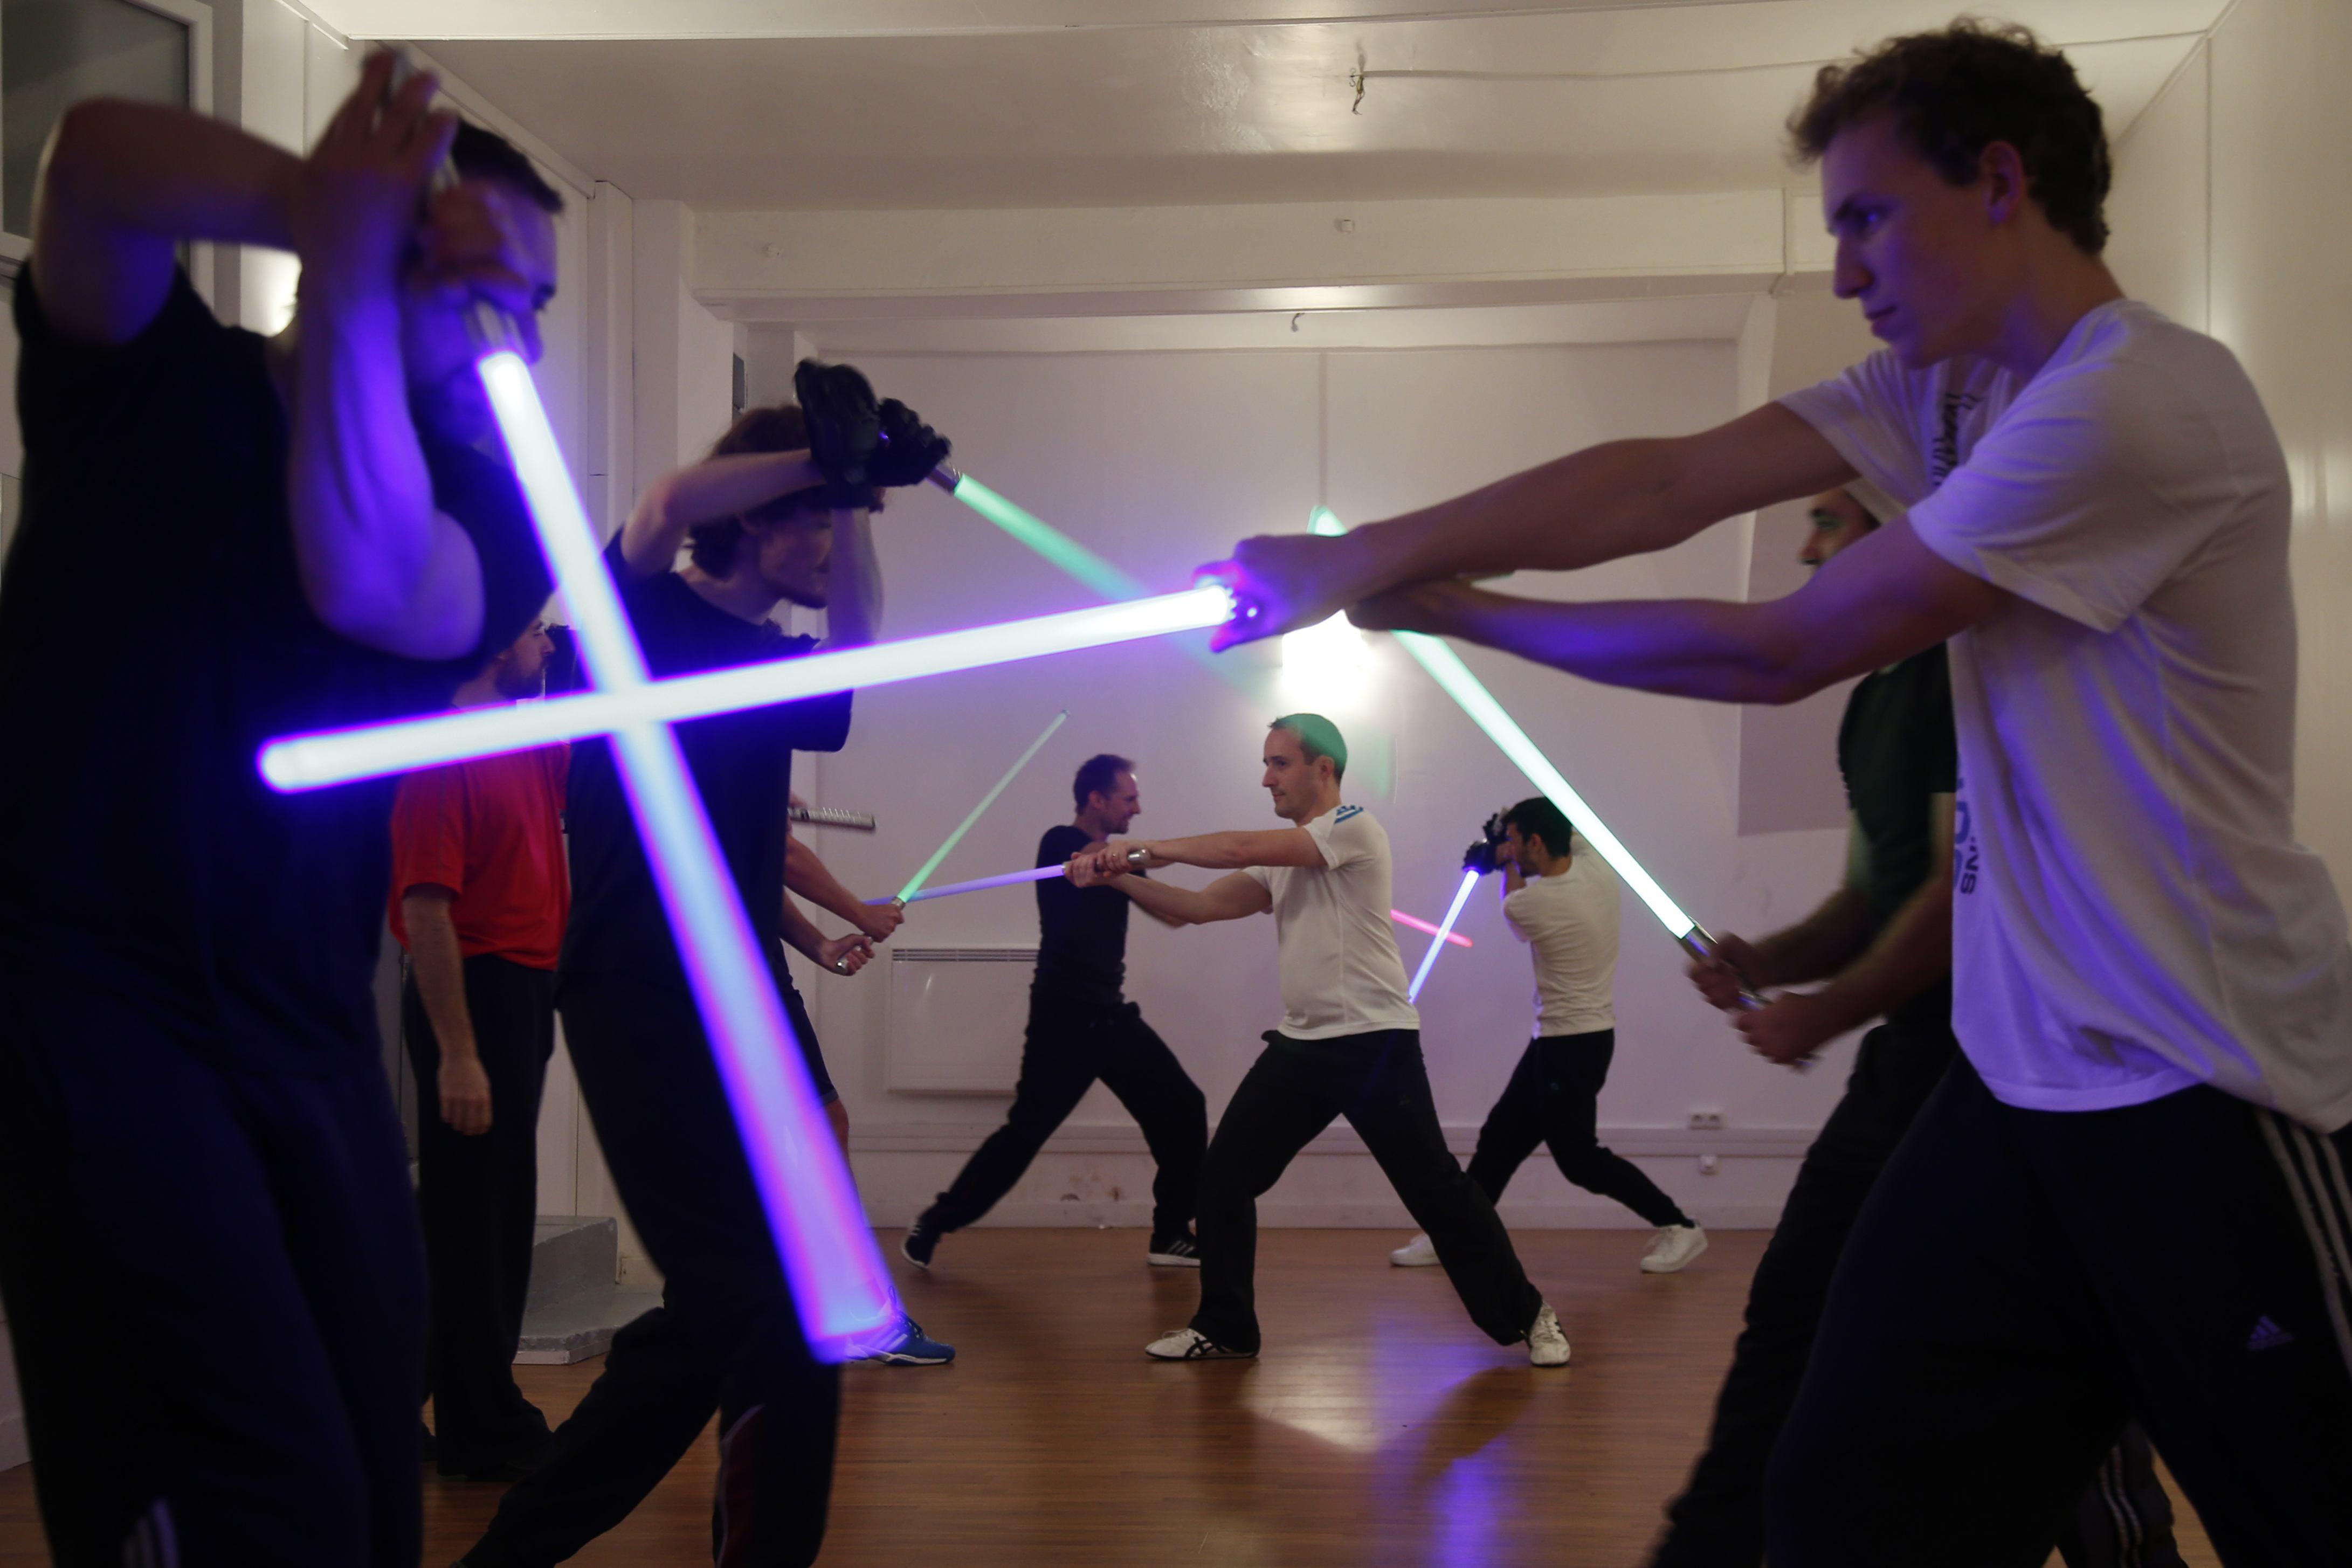 No Reino Unido, fãs de 'Star Wars' criam a Igreja do Jedis